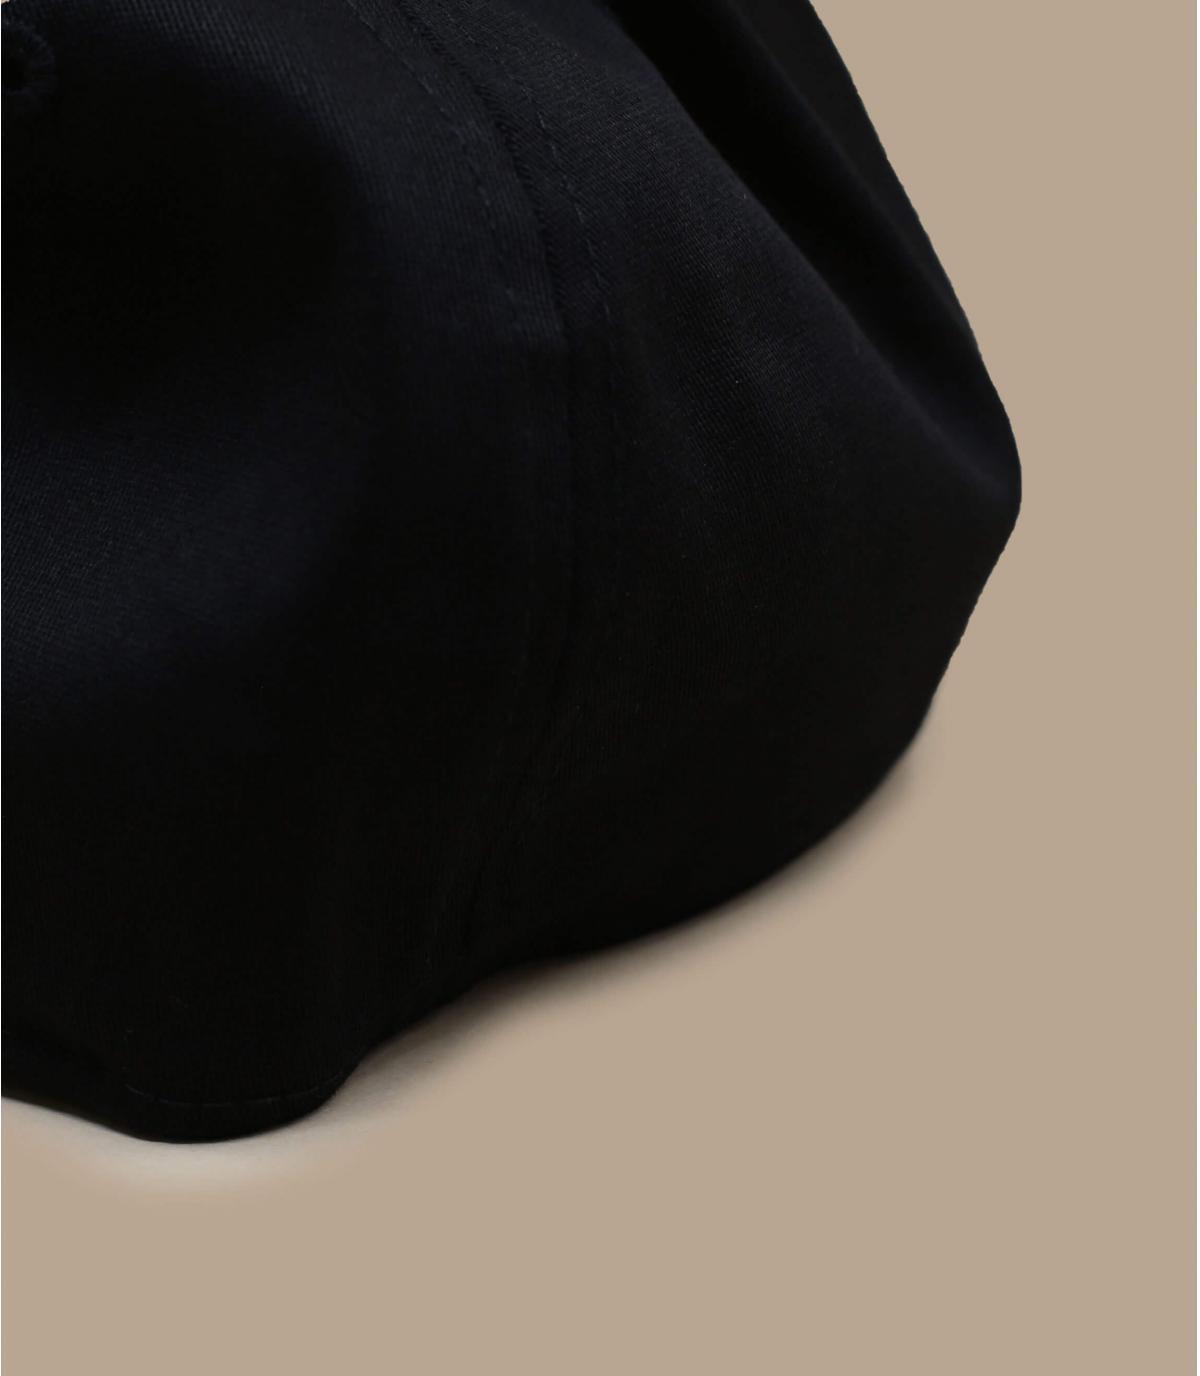 Détails Casquette LA 3930 black black - image 4